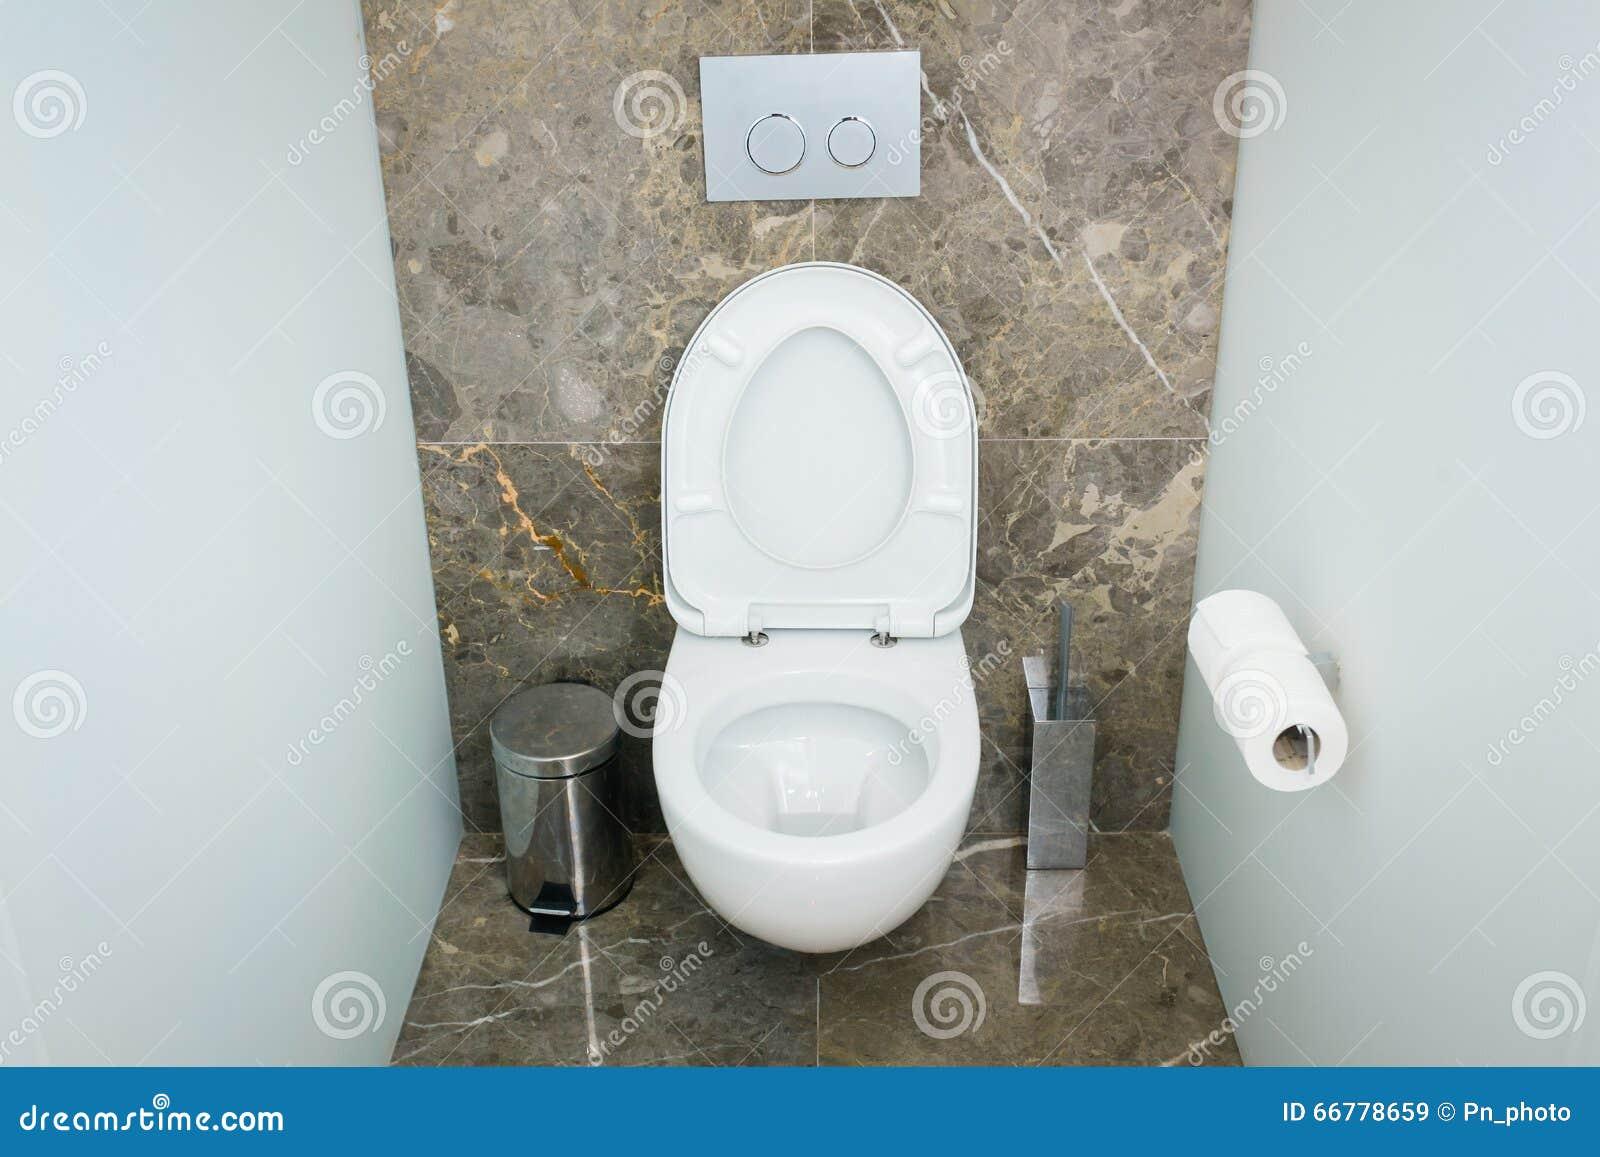 Badezimmer wc toilet junction handtuchhalter seifenspender italian